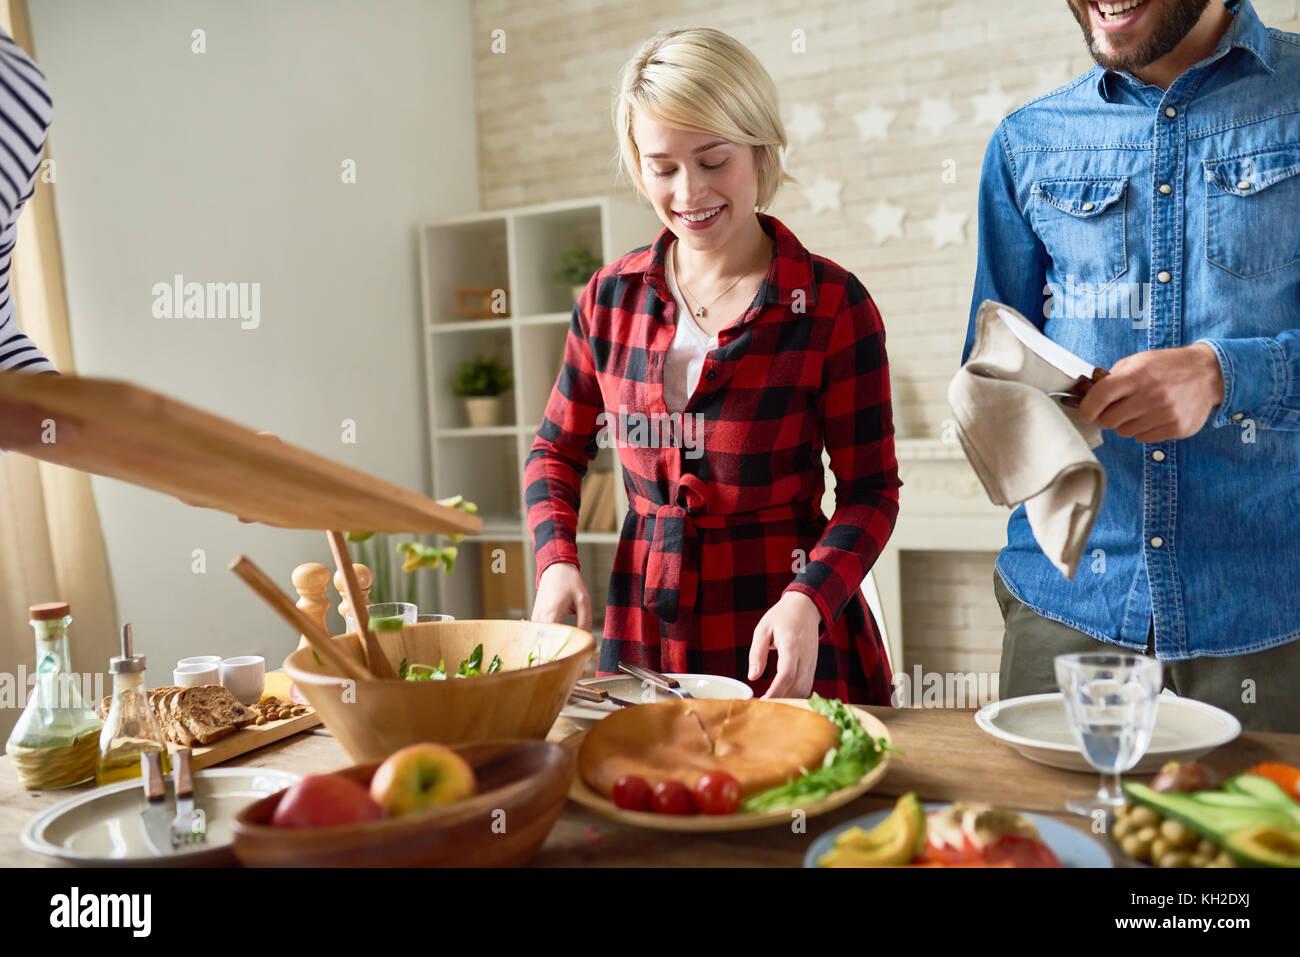 Portrait des modernen junges Paar stehend an festlichen Tisch essen vorbereiten und lächelnd, Fokus auf Happy Stockbild